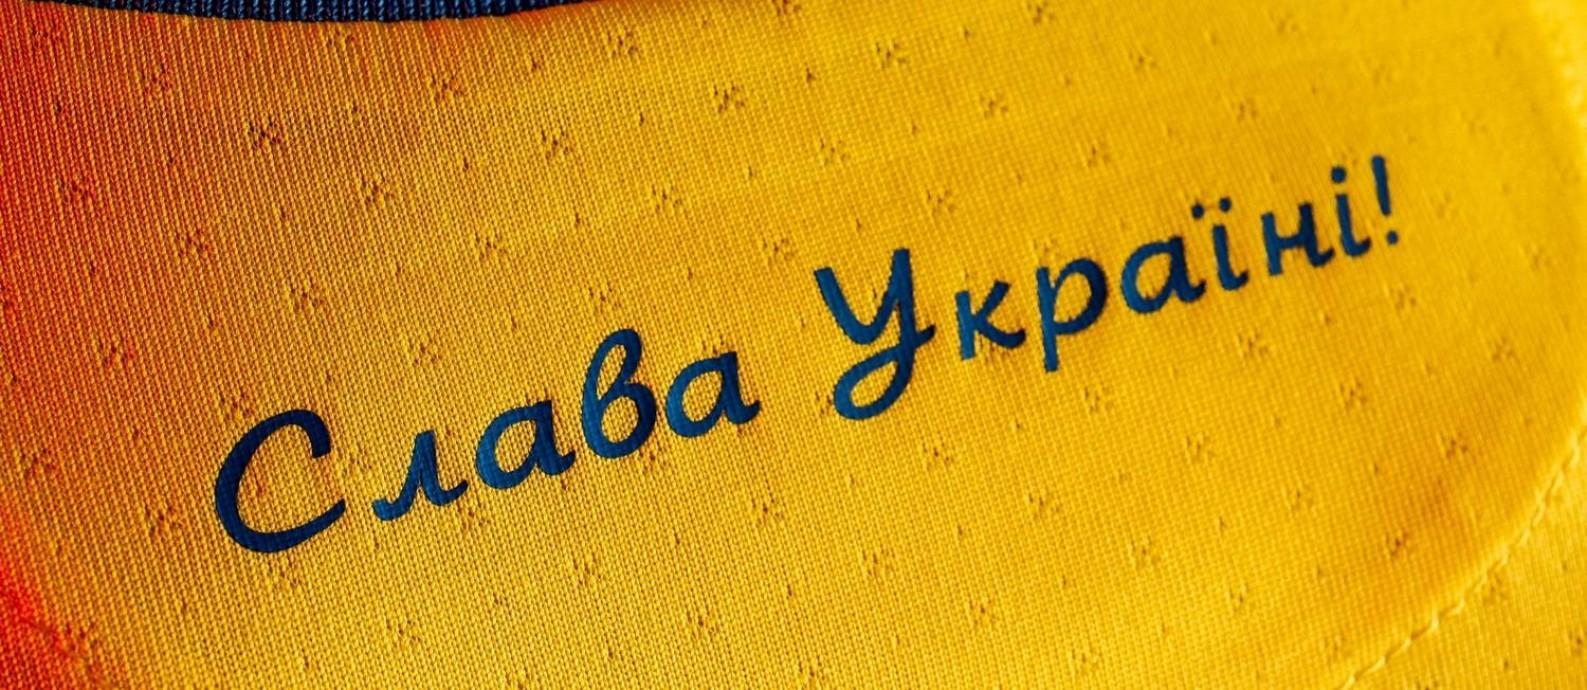 Ucrânia terá que retirar slogan de guerra da camisa Foto: FACEBOOK@ ANDRII PAVELKO / via REUTERS